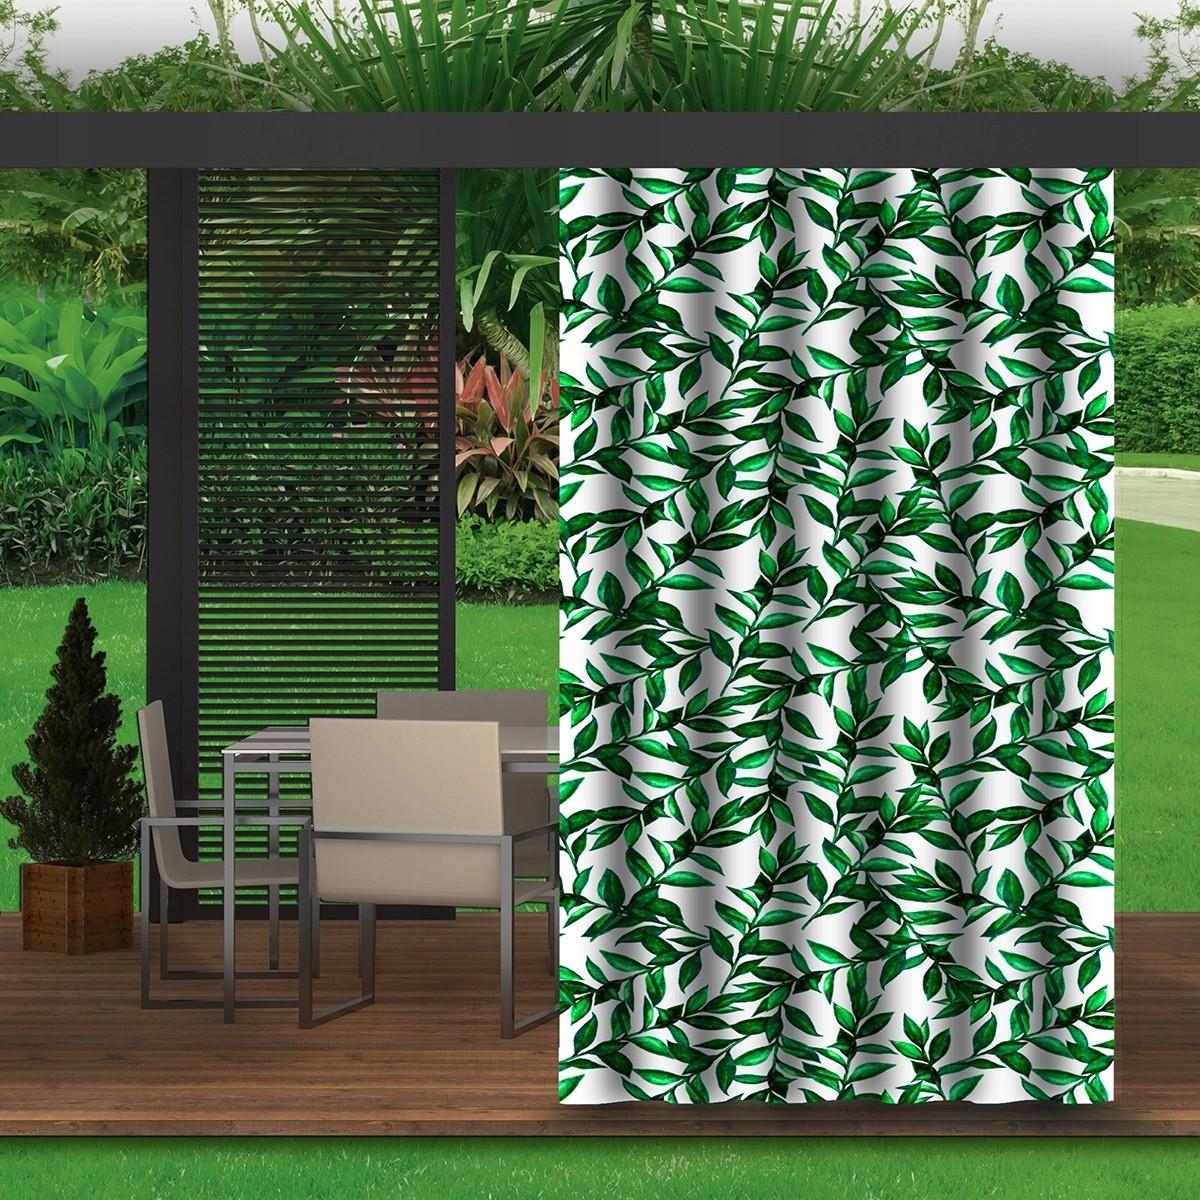 Luxusní bílý závěs do zahradního altánku s motivem listů